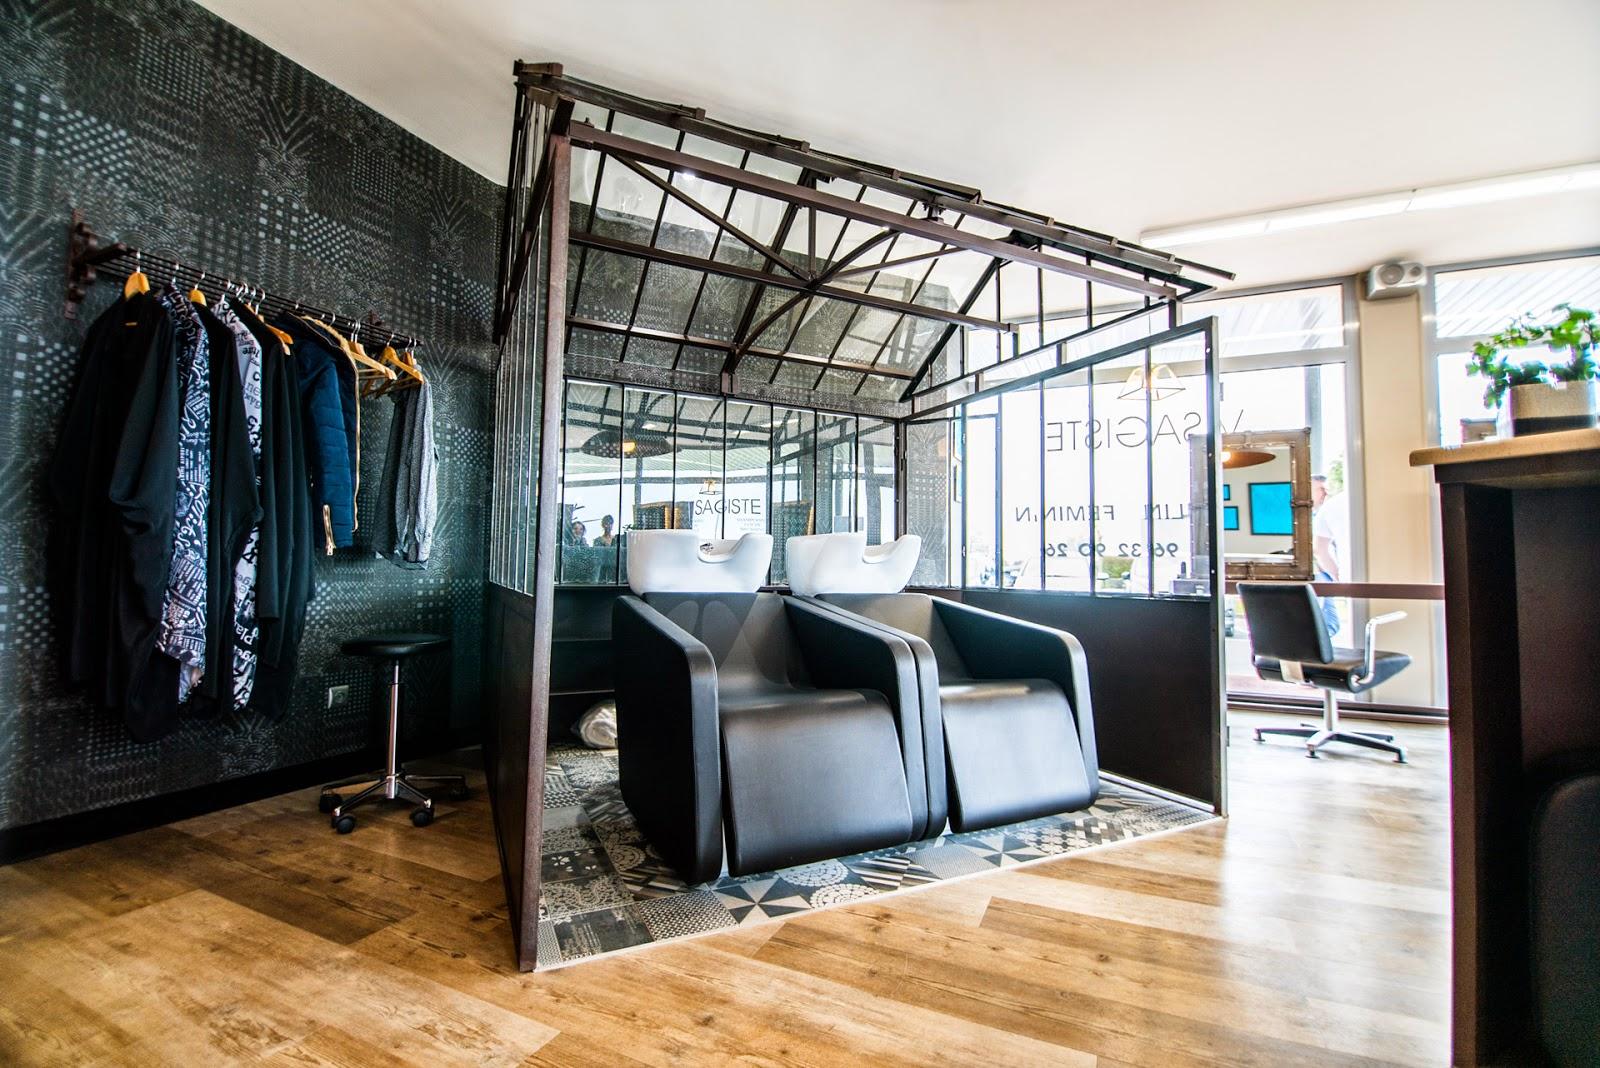 couleurs et nuances le blog des accros de la d co r novation et d coration du salon de. Black Bedroom Furniture Sets. Home Design Ideas